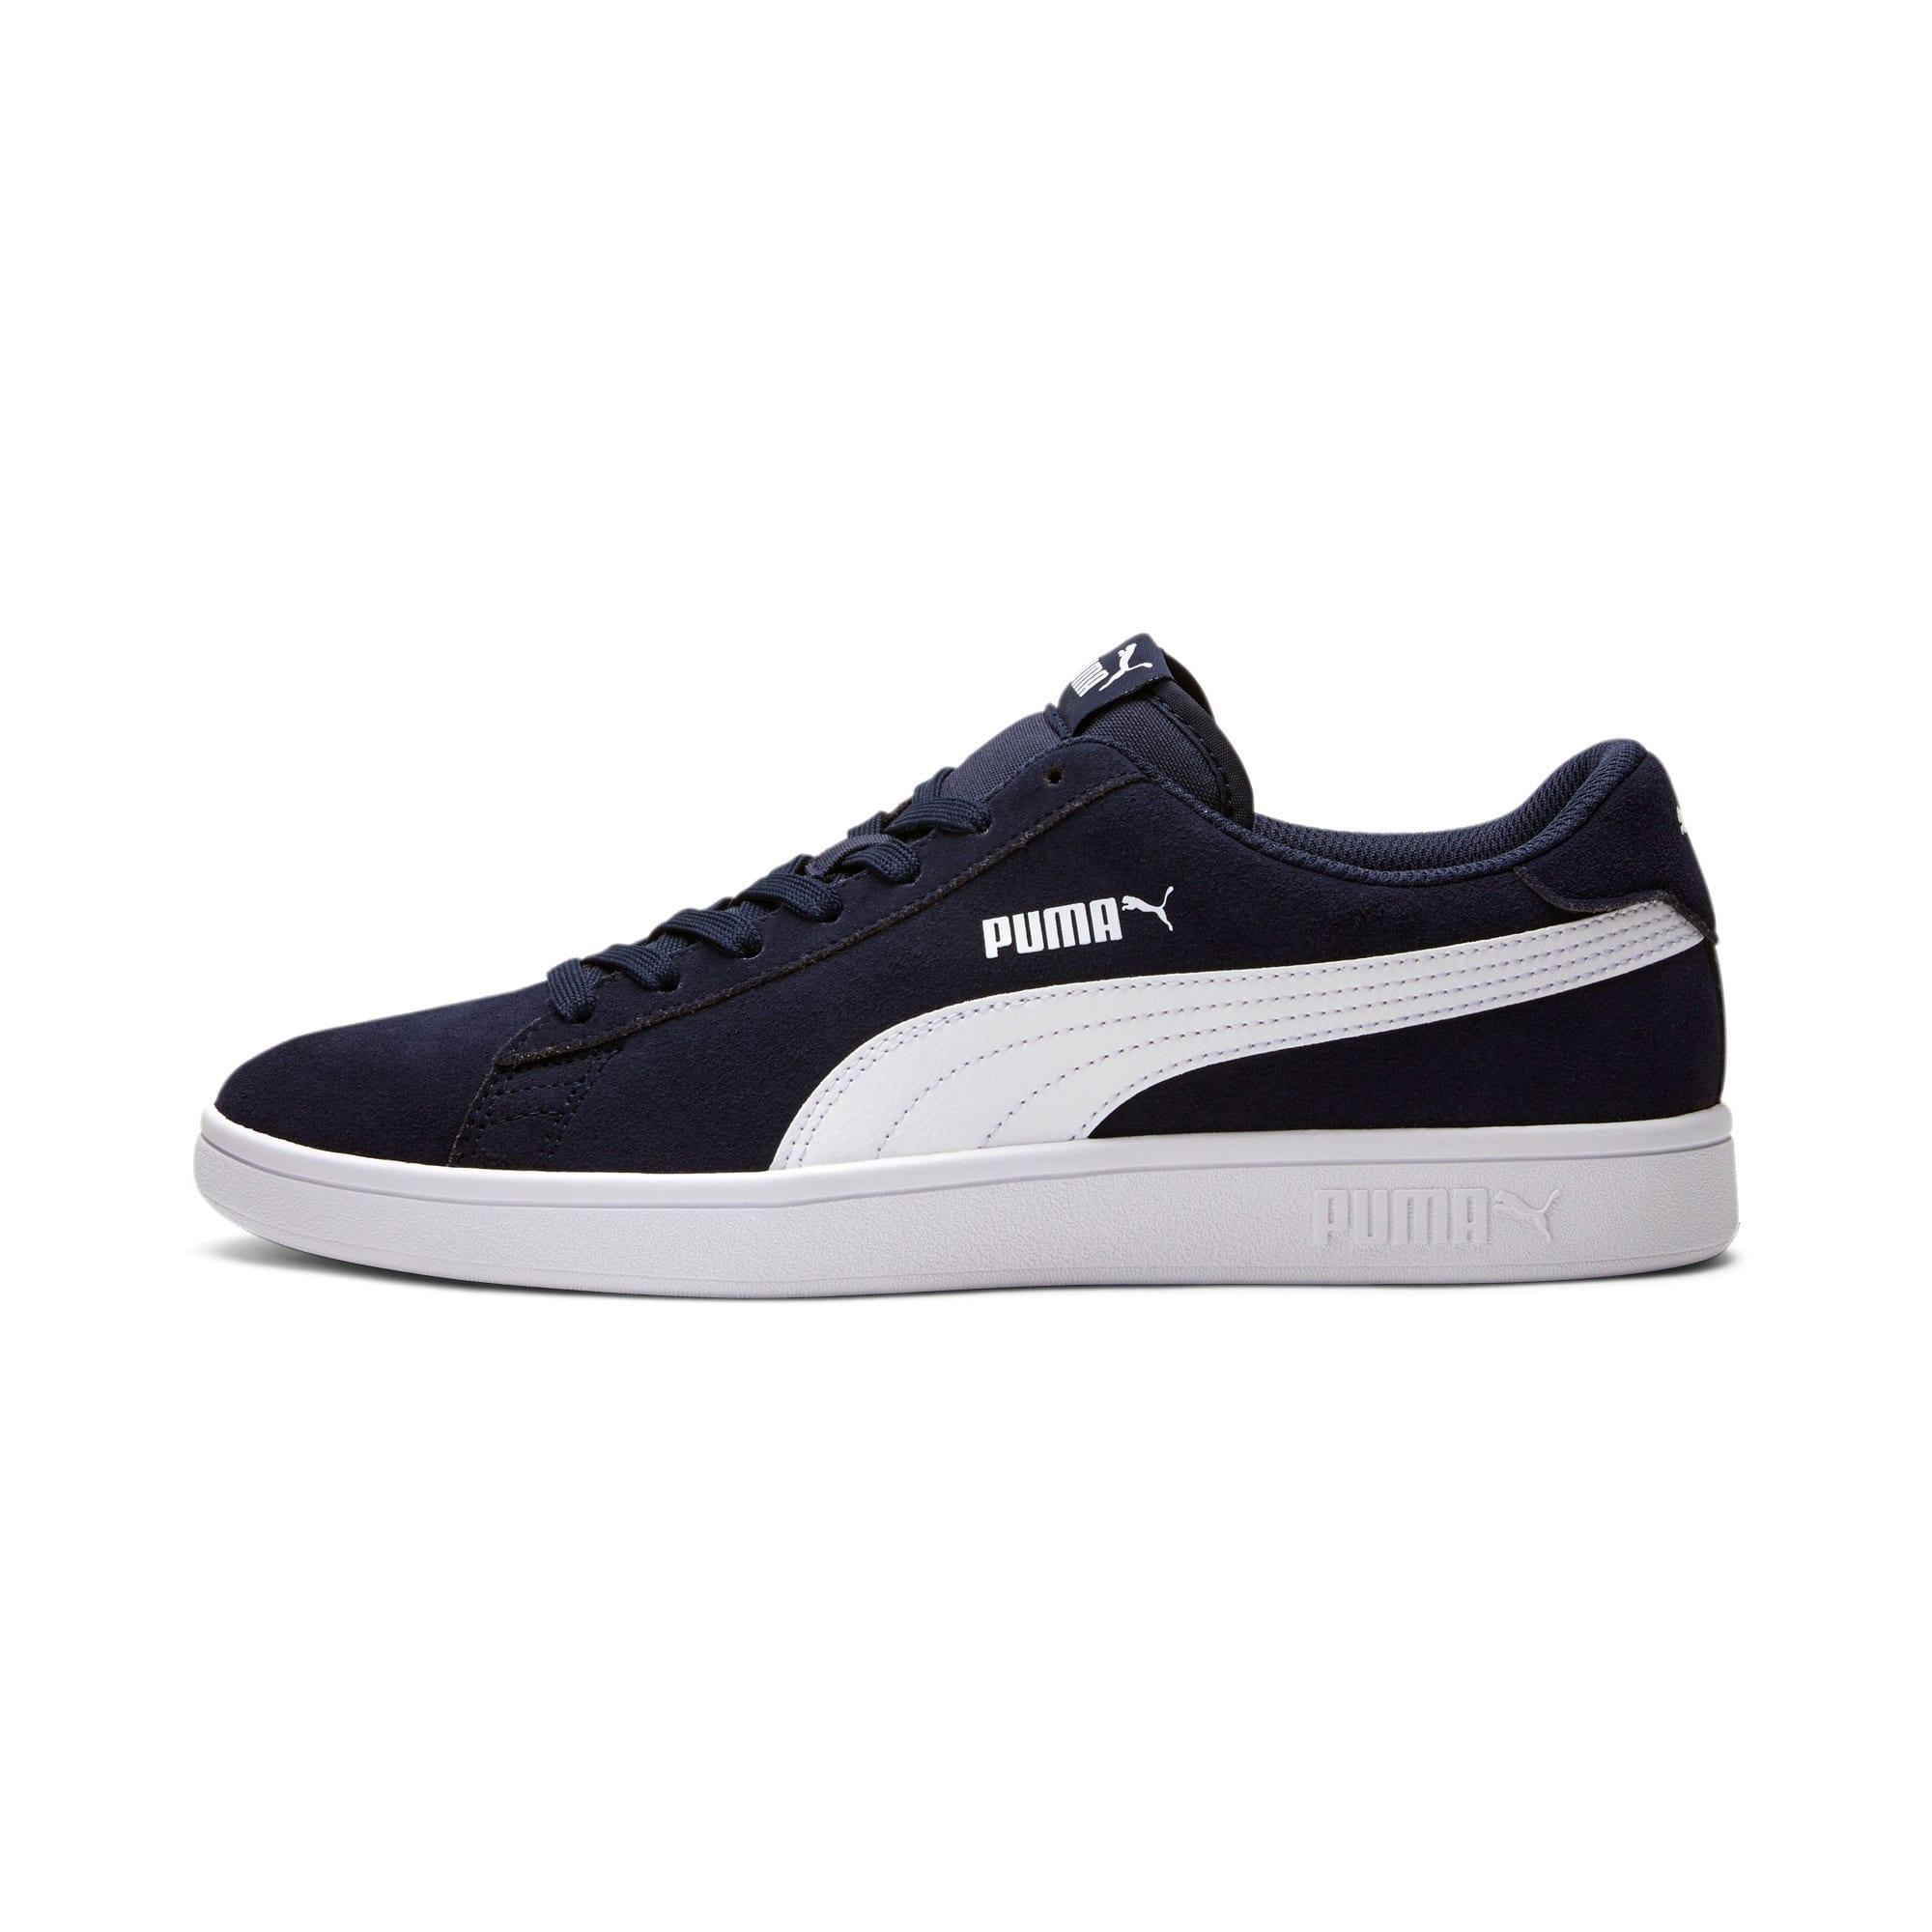 new arrival d5daa 8a4f4 PUMA Smash v2 Sneakers